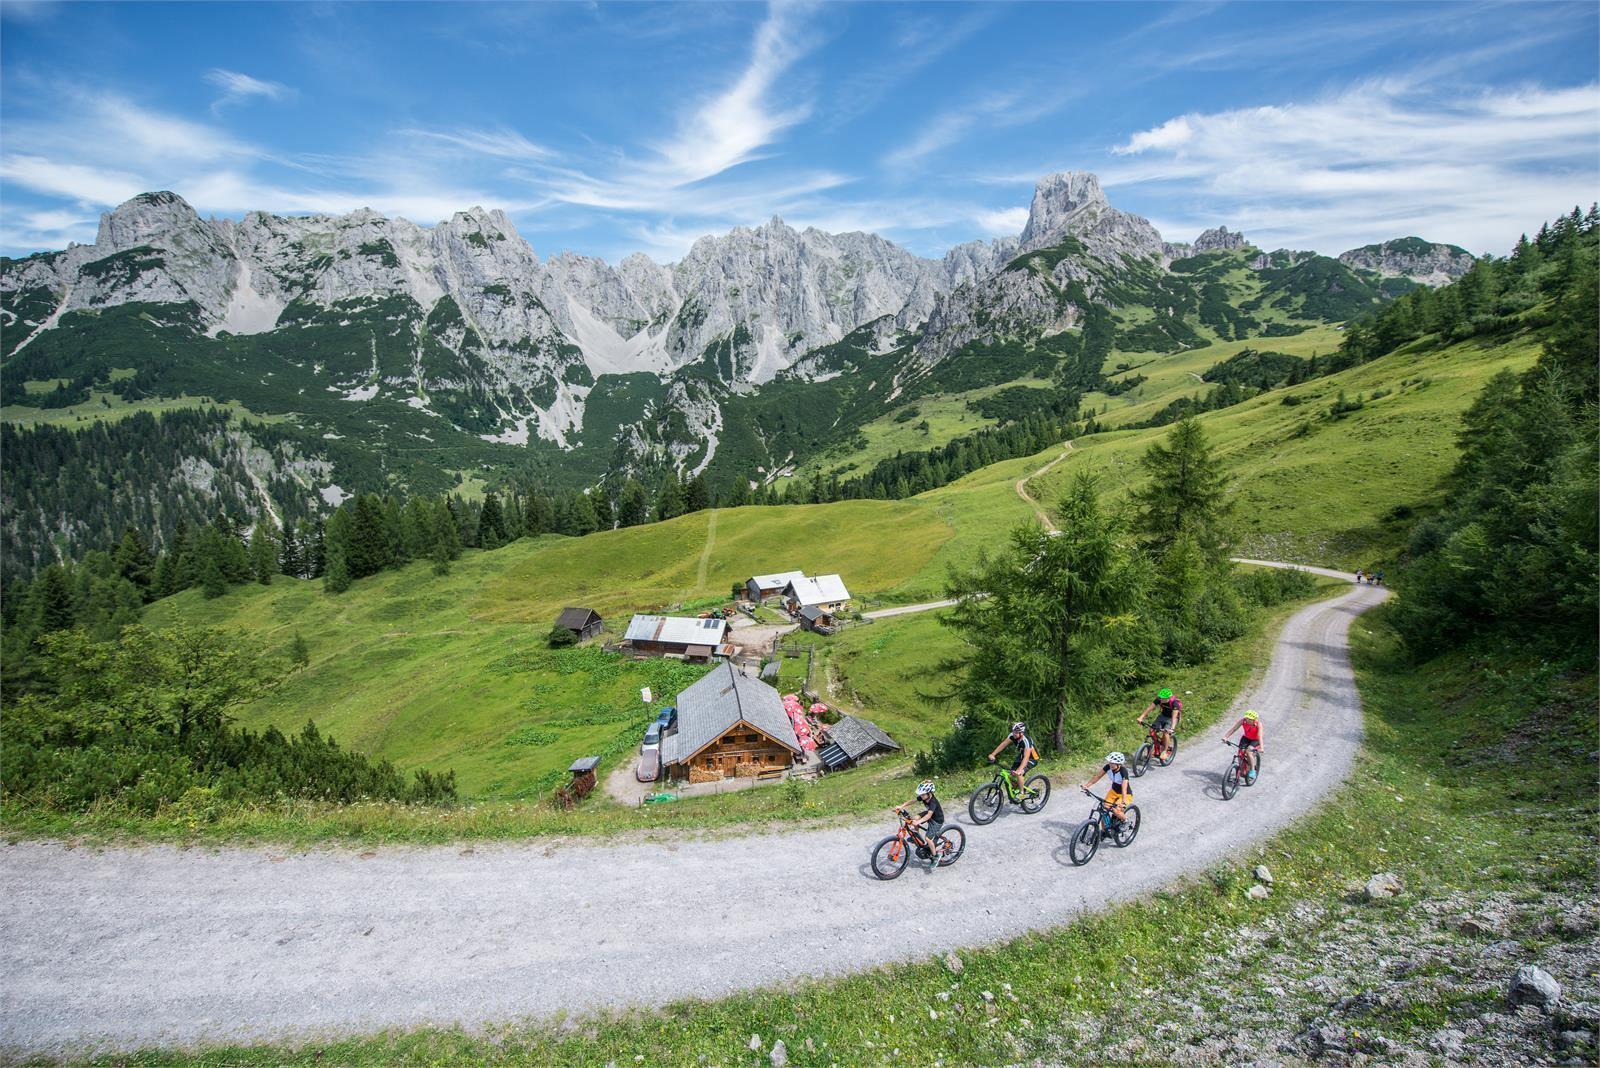 Mountainbiken zur Loseggalm in Annaberg - Lungötz | ©TVB Annaberg-Lungötz